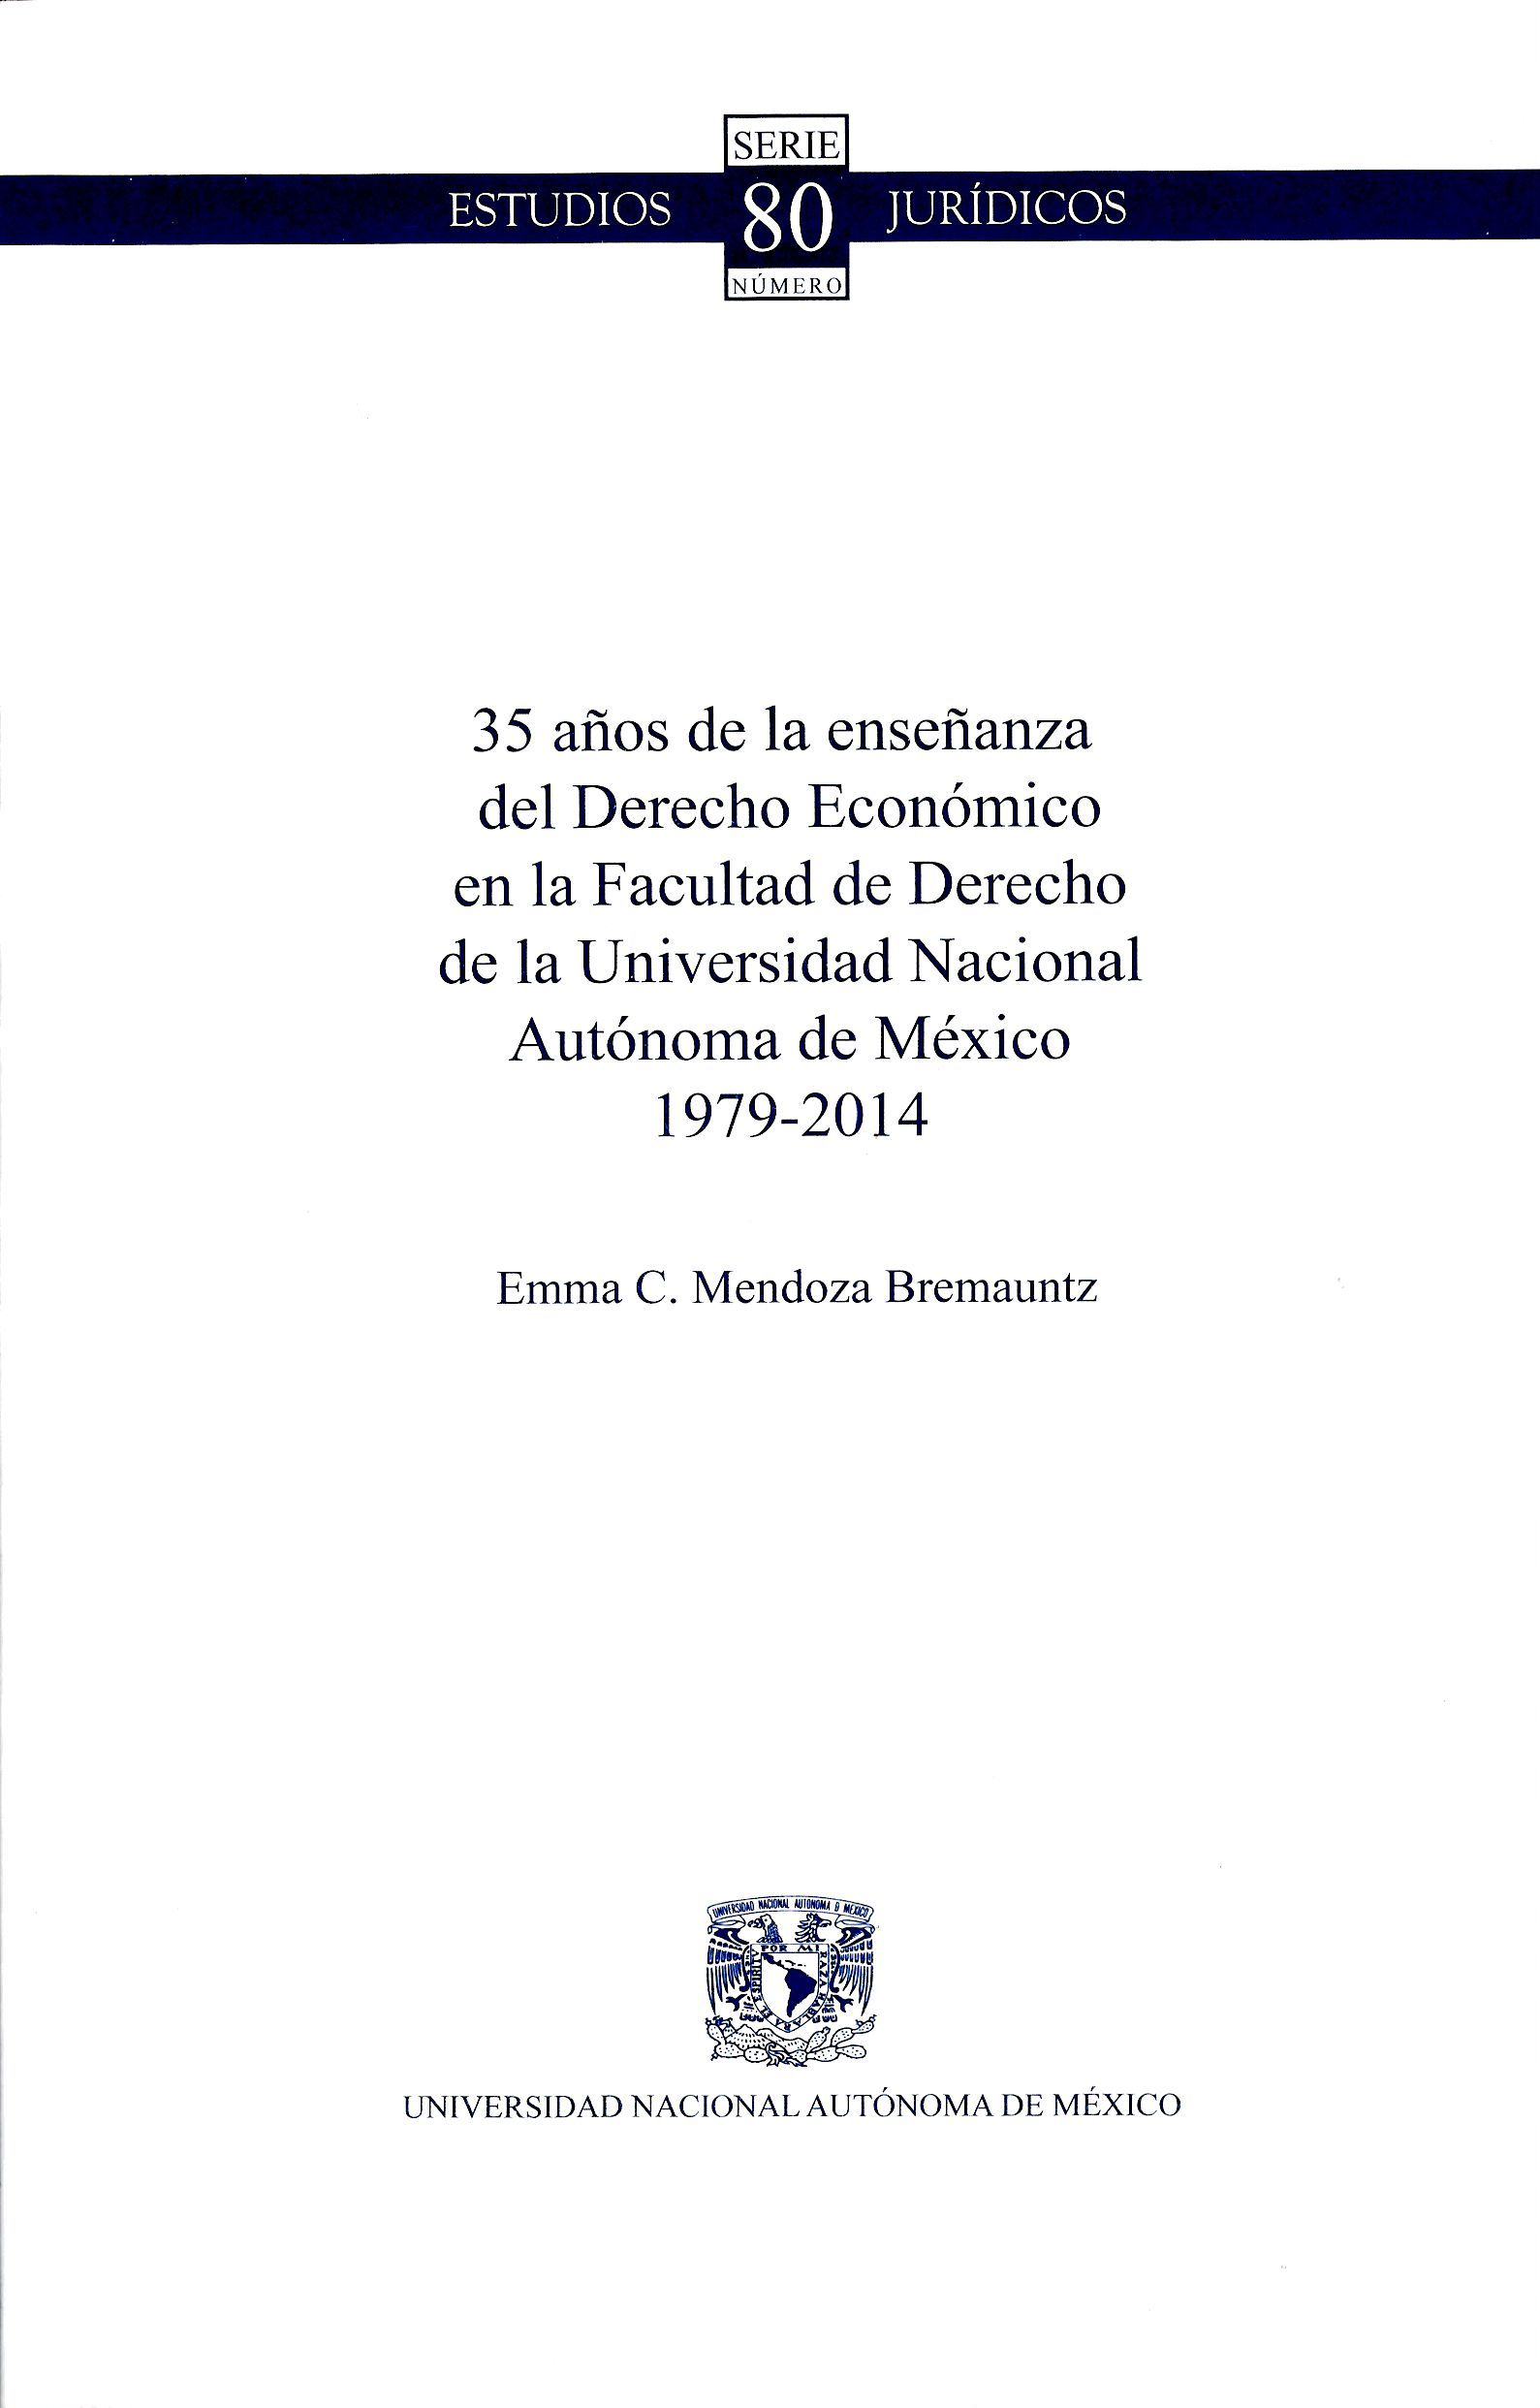 35 años de la enseñanza del Derecho Económico en la Facultad de Derecho de la Universidad Nacional A